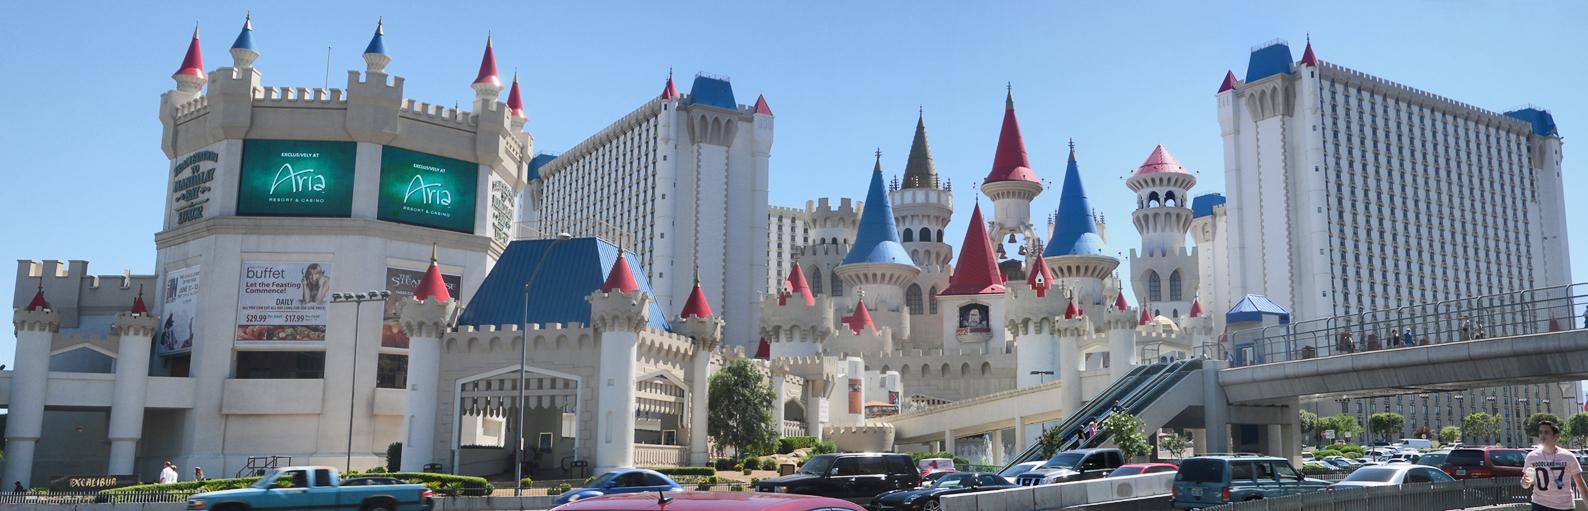 casino net world daily